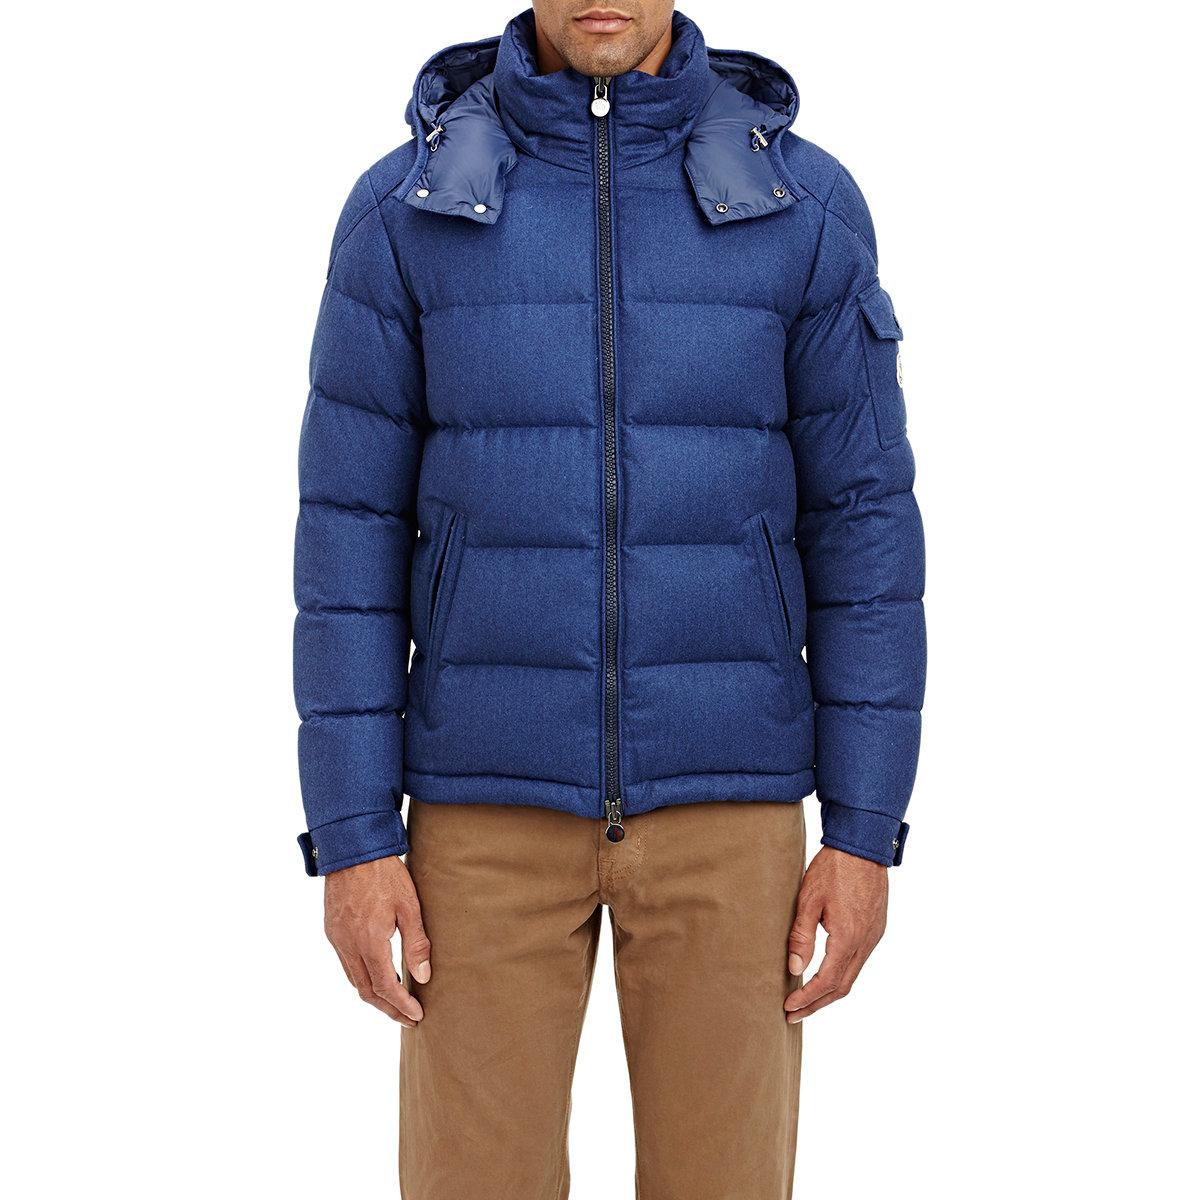 moncler jacket deutschland